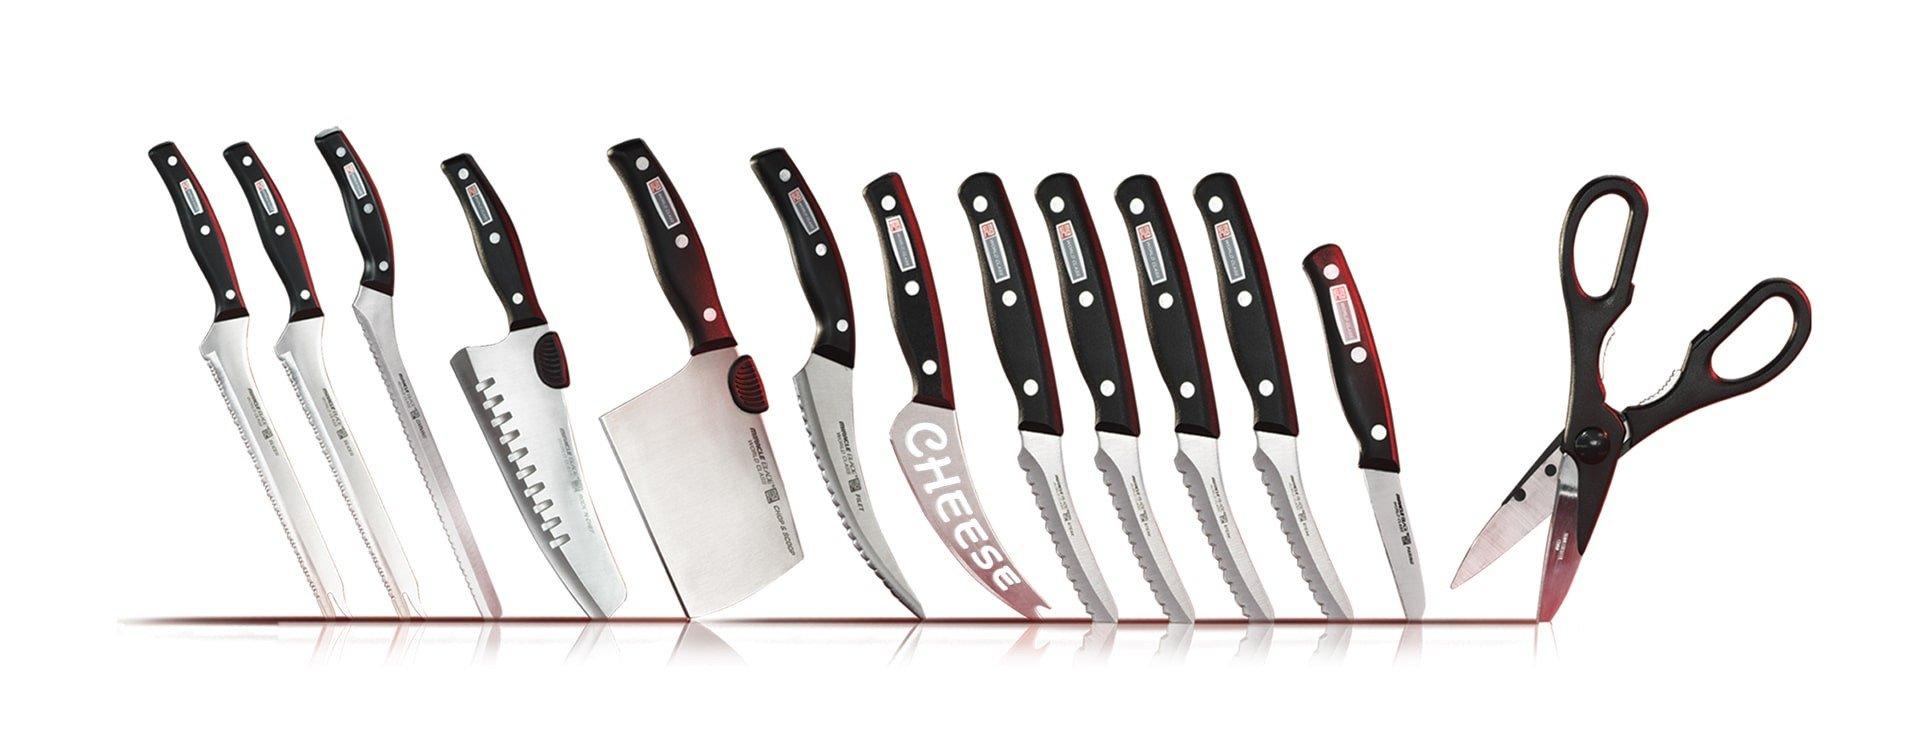 Kuchenne cuda, czyli noże Miracle Blade, które nigdy się nie tępią